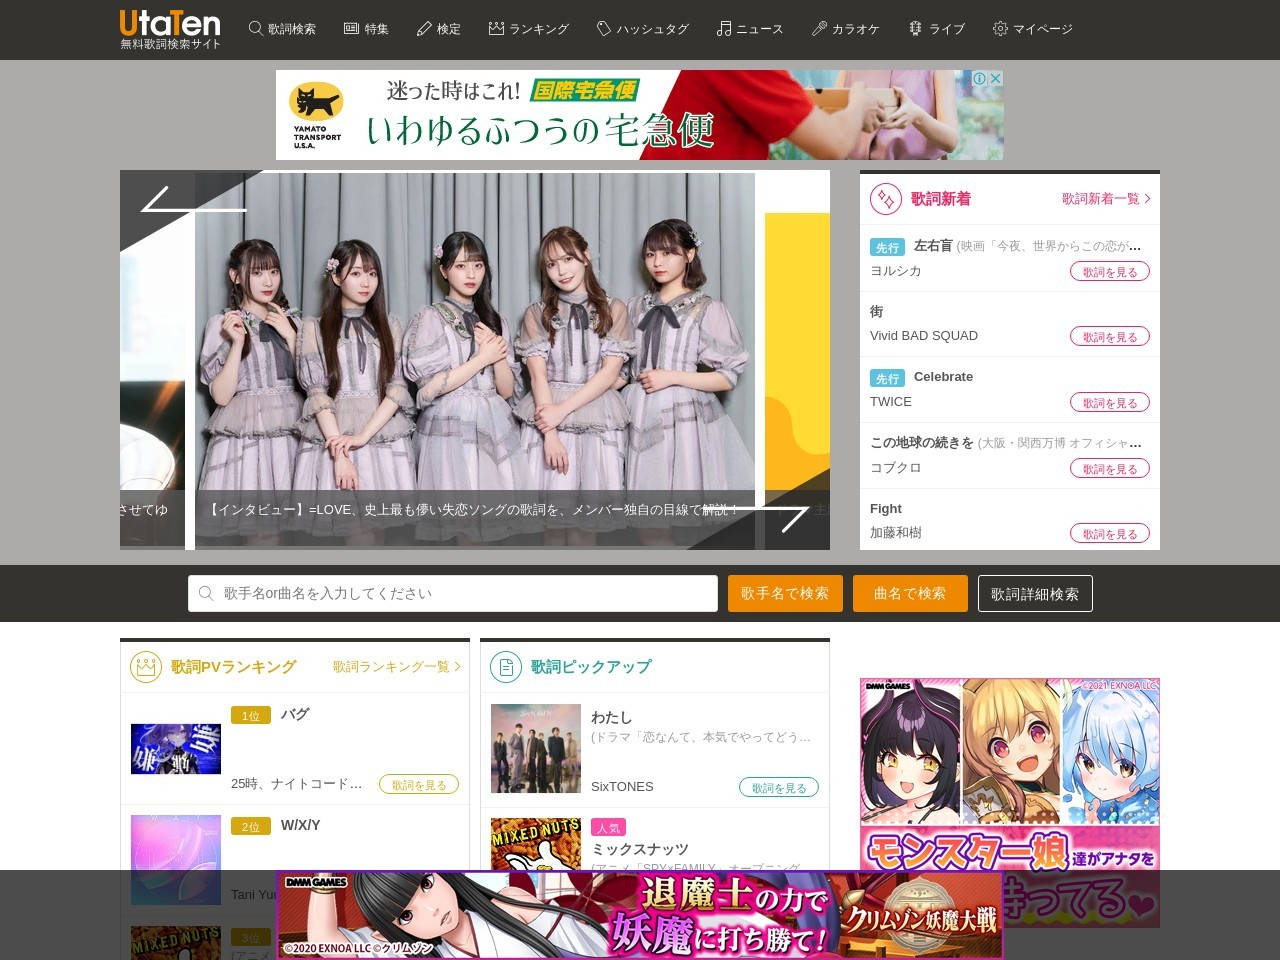 カローラⅡにのって 歌詞「小沢健二」ふりがな付|歌詞検索サイト【UtaTen】